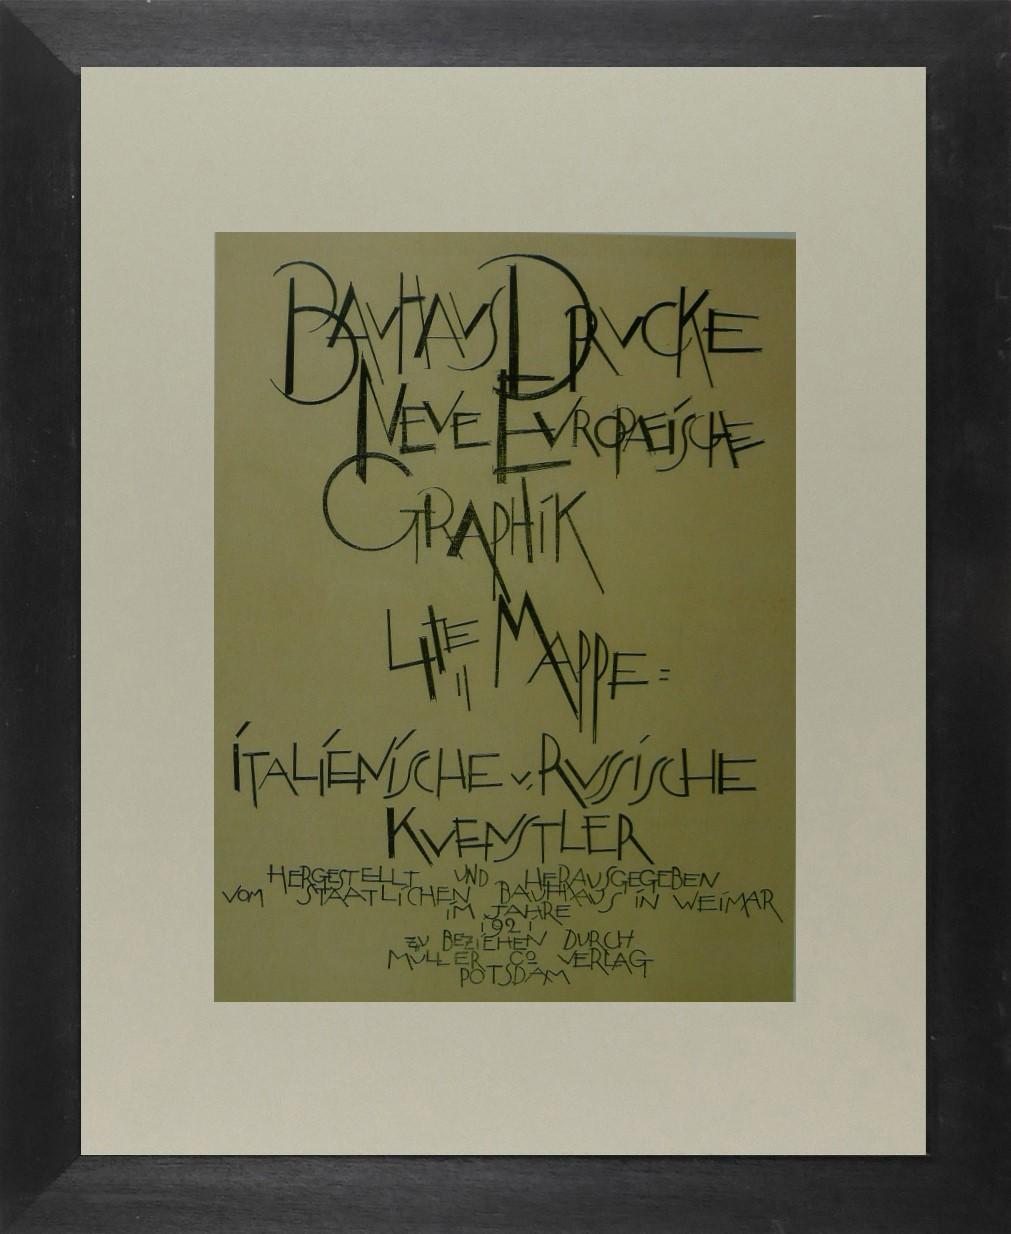 Bauhaus Bauhaus Advert - Framed Picture 11 x 14